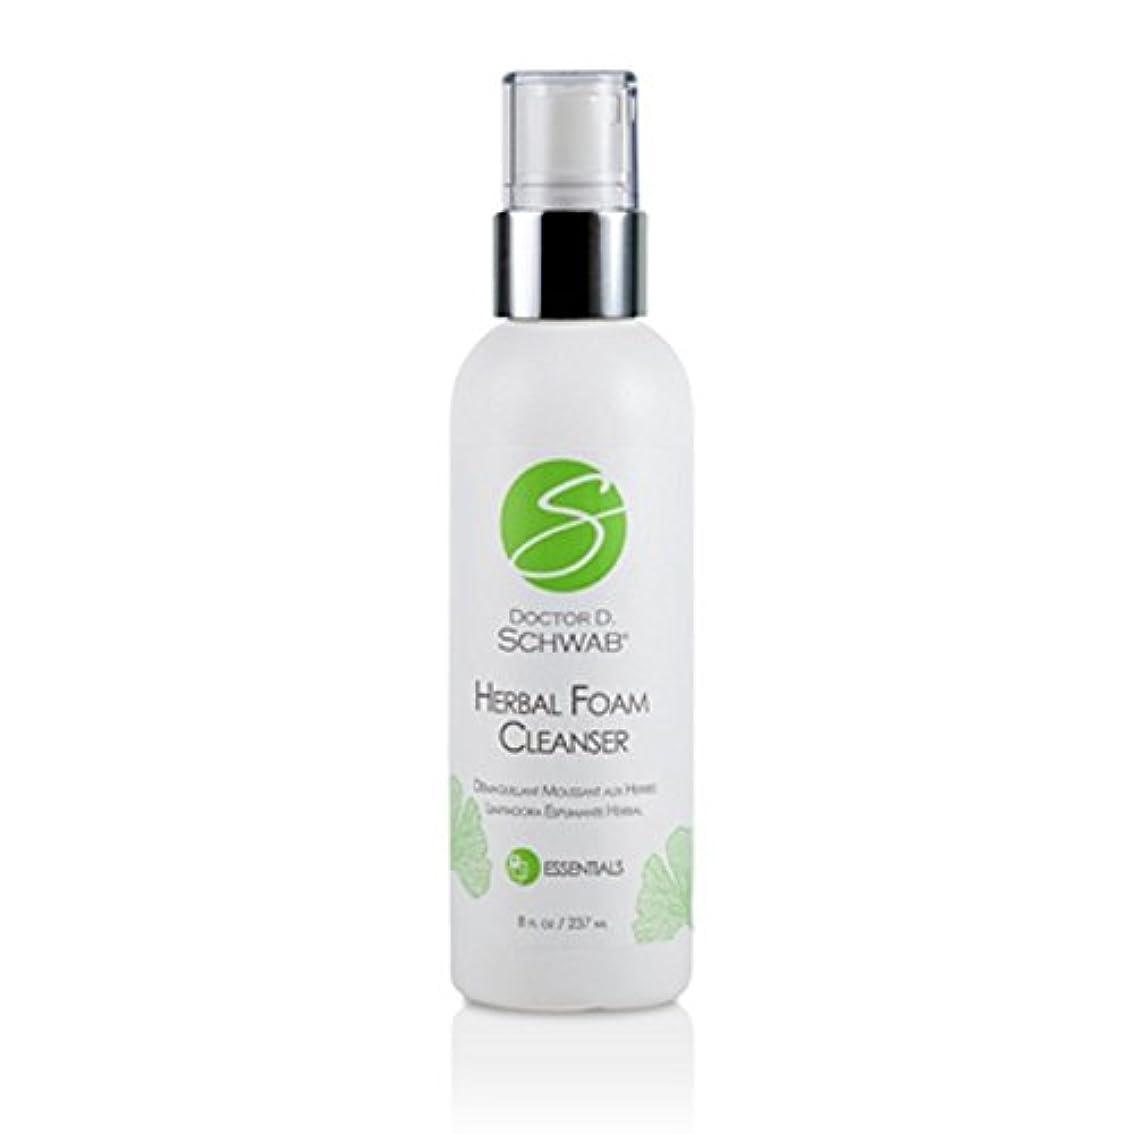 ソープフリー(石鹸成分非配合)、オイルフリーの洗顔料 Herbal Foam Cleanser 237ml 【海外直送品】